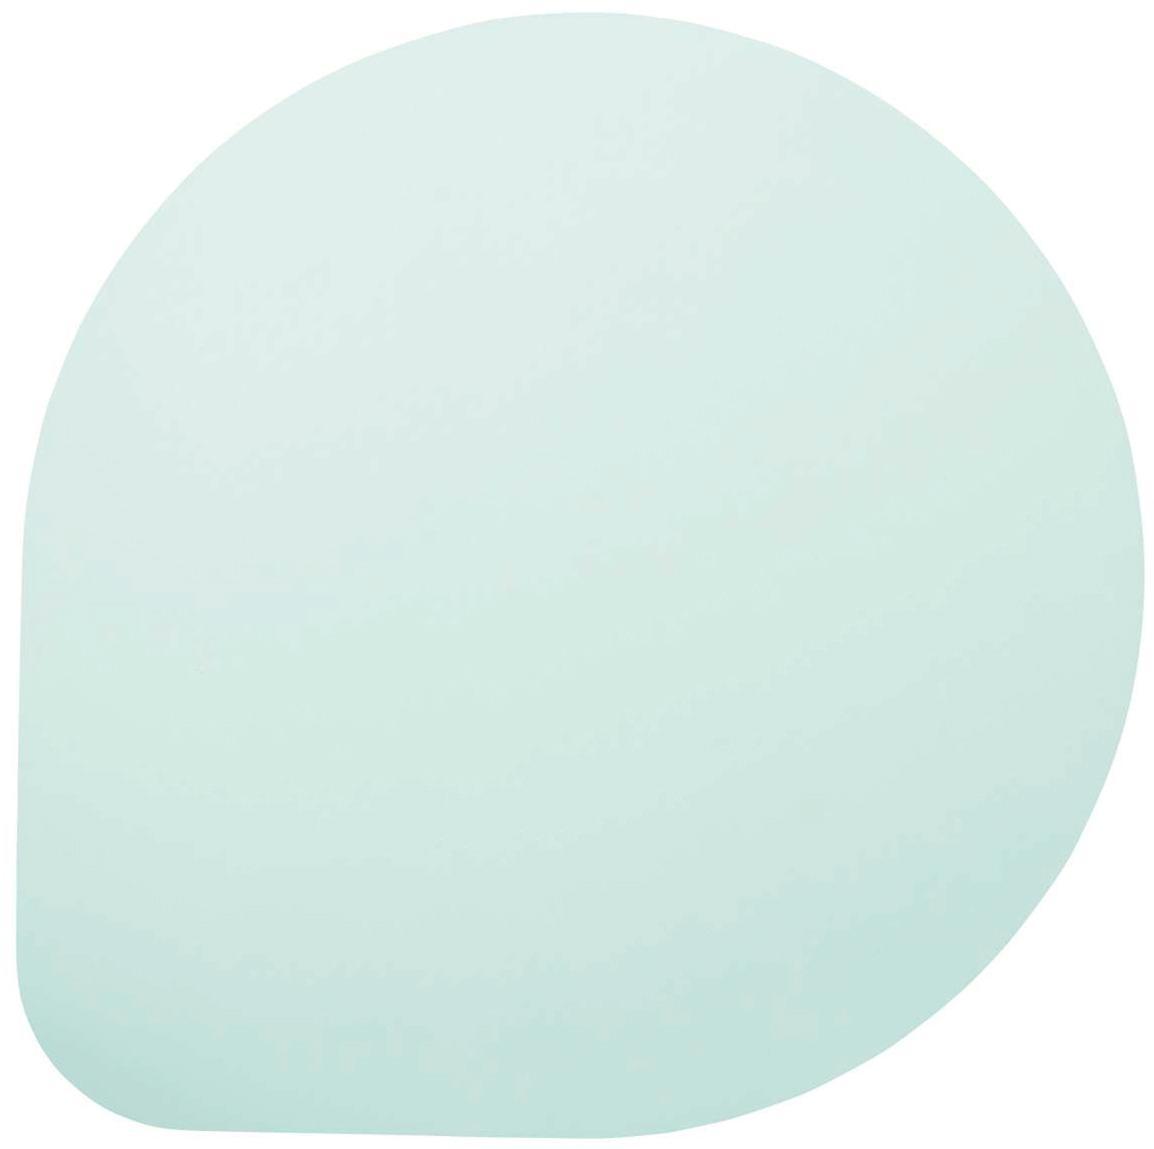 Manteles individuales de cuero sintético Povac, 2uds., Plástico (PVC), Verde menta, Ø 37 cm